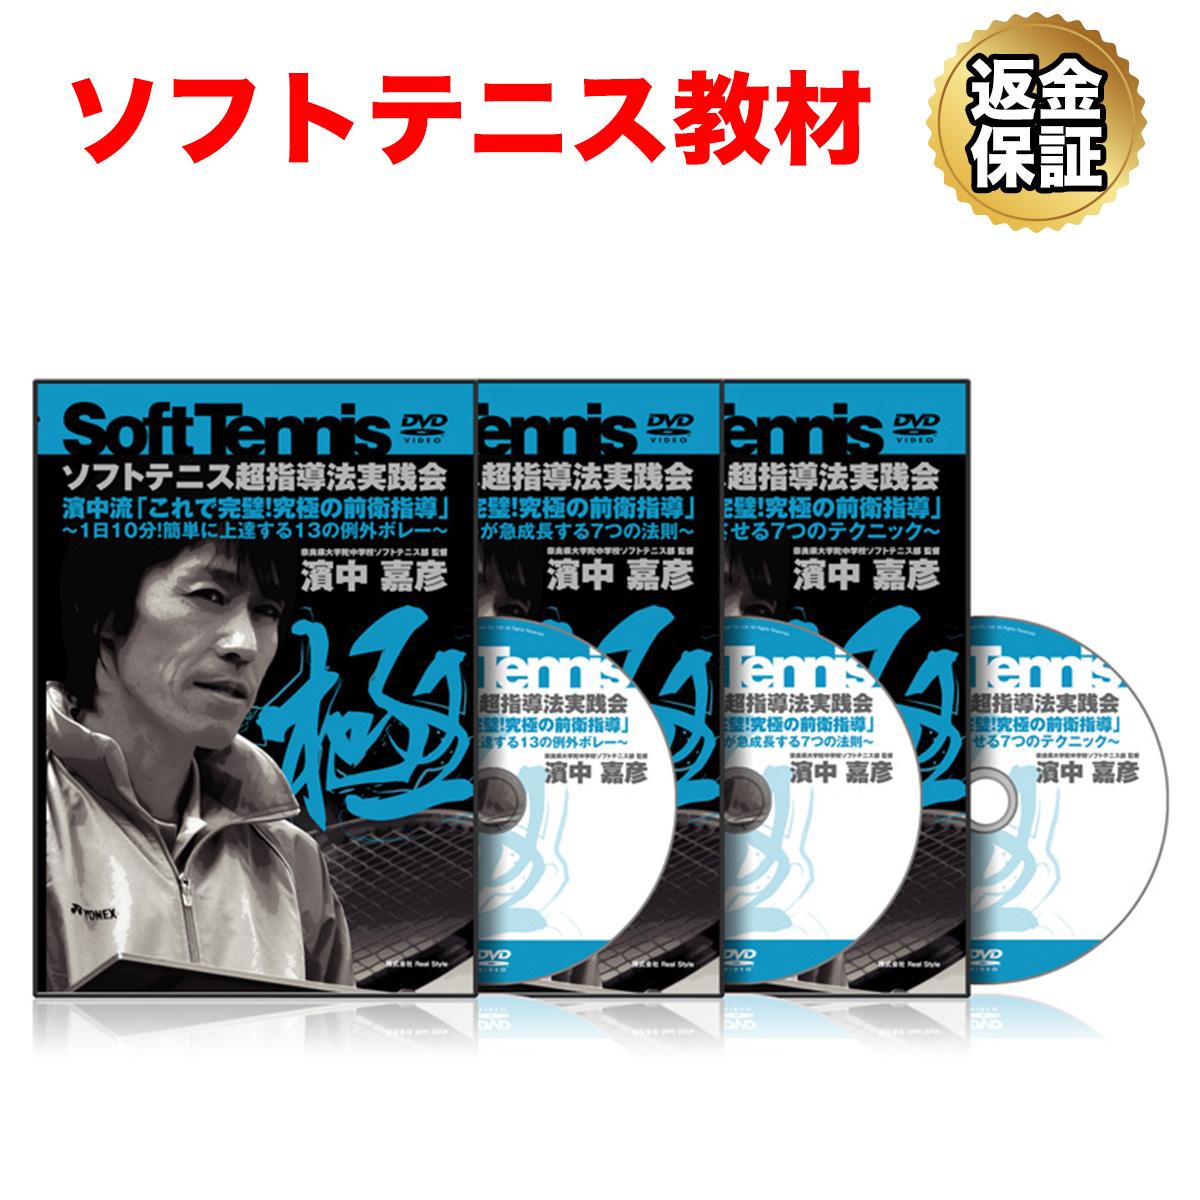 ソフトテニス 教材 DVD 濱中流「究極の前衛指導」セット